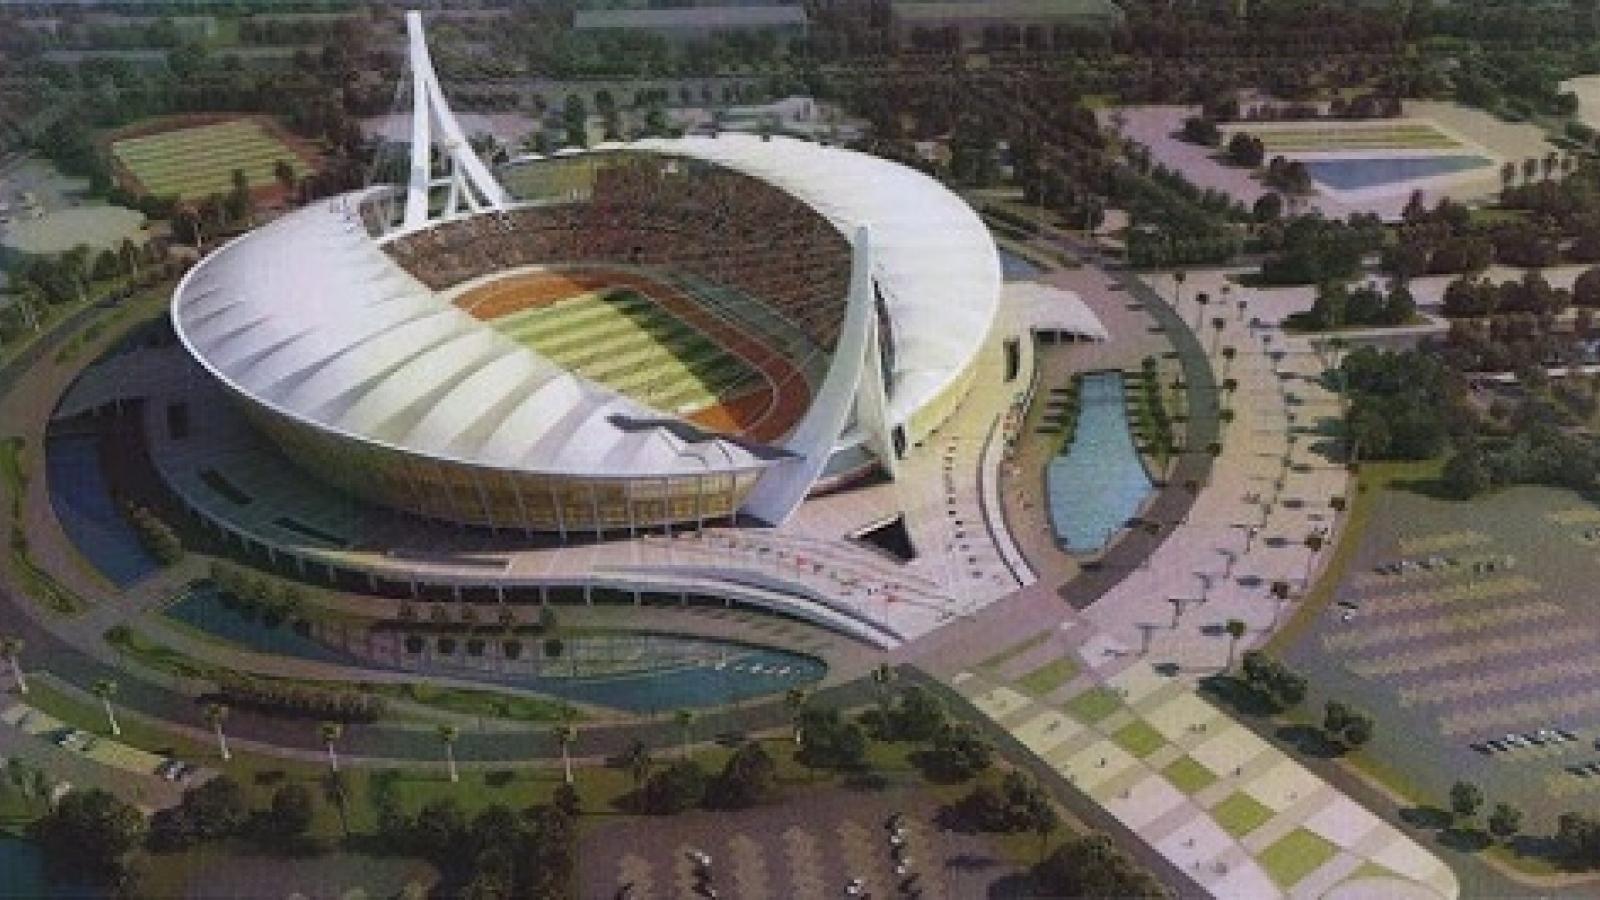 Campuchia sắp khánh thành sân vận động 75000 chỗ phục vụ SEA Games 32